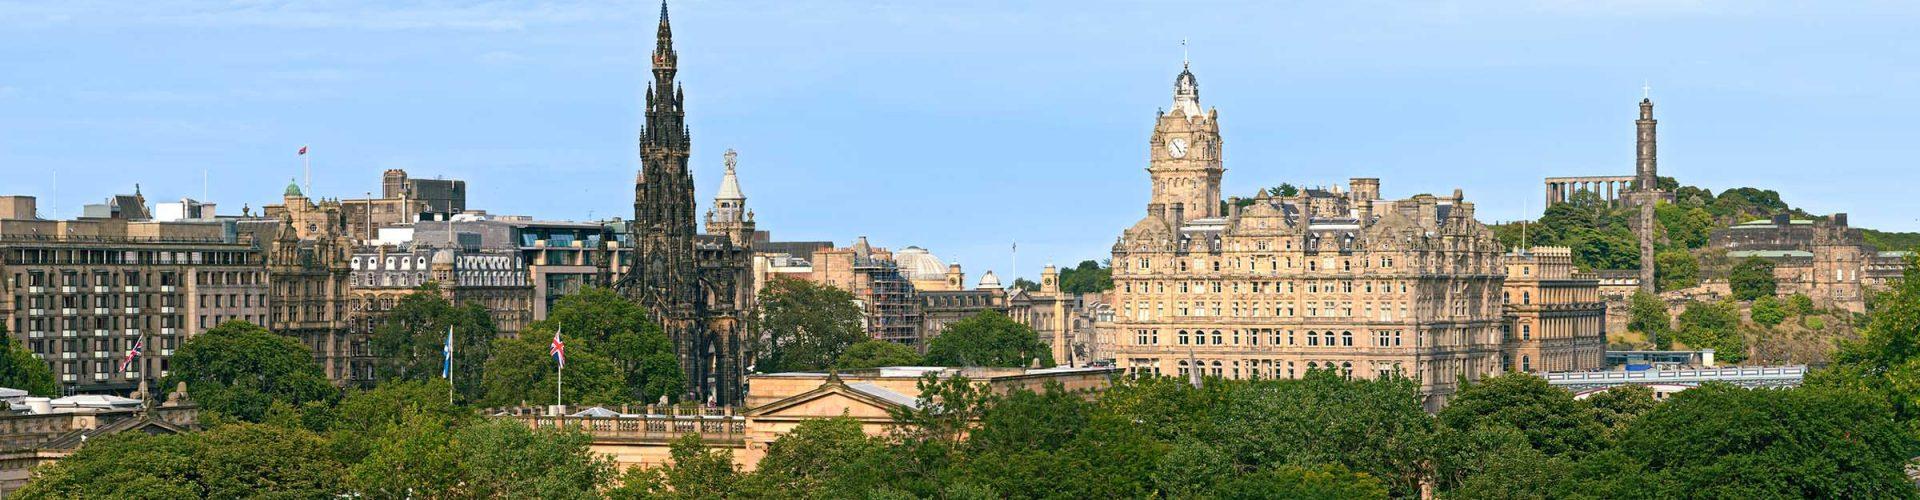 A panoramic image of Edinburgh City